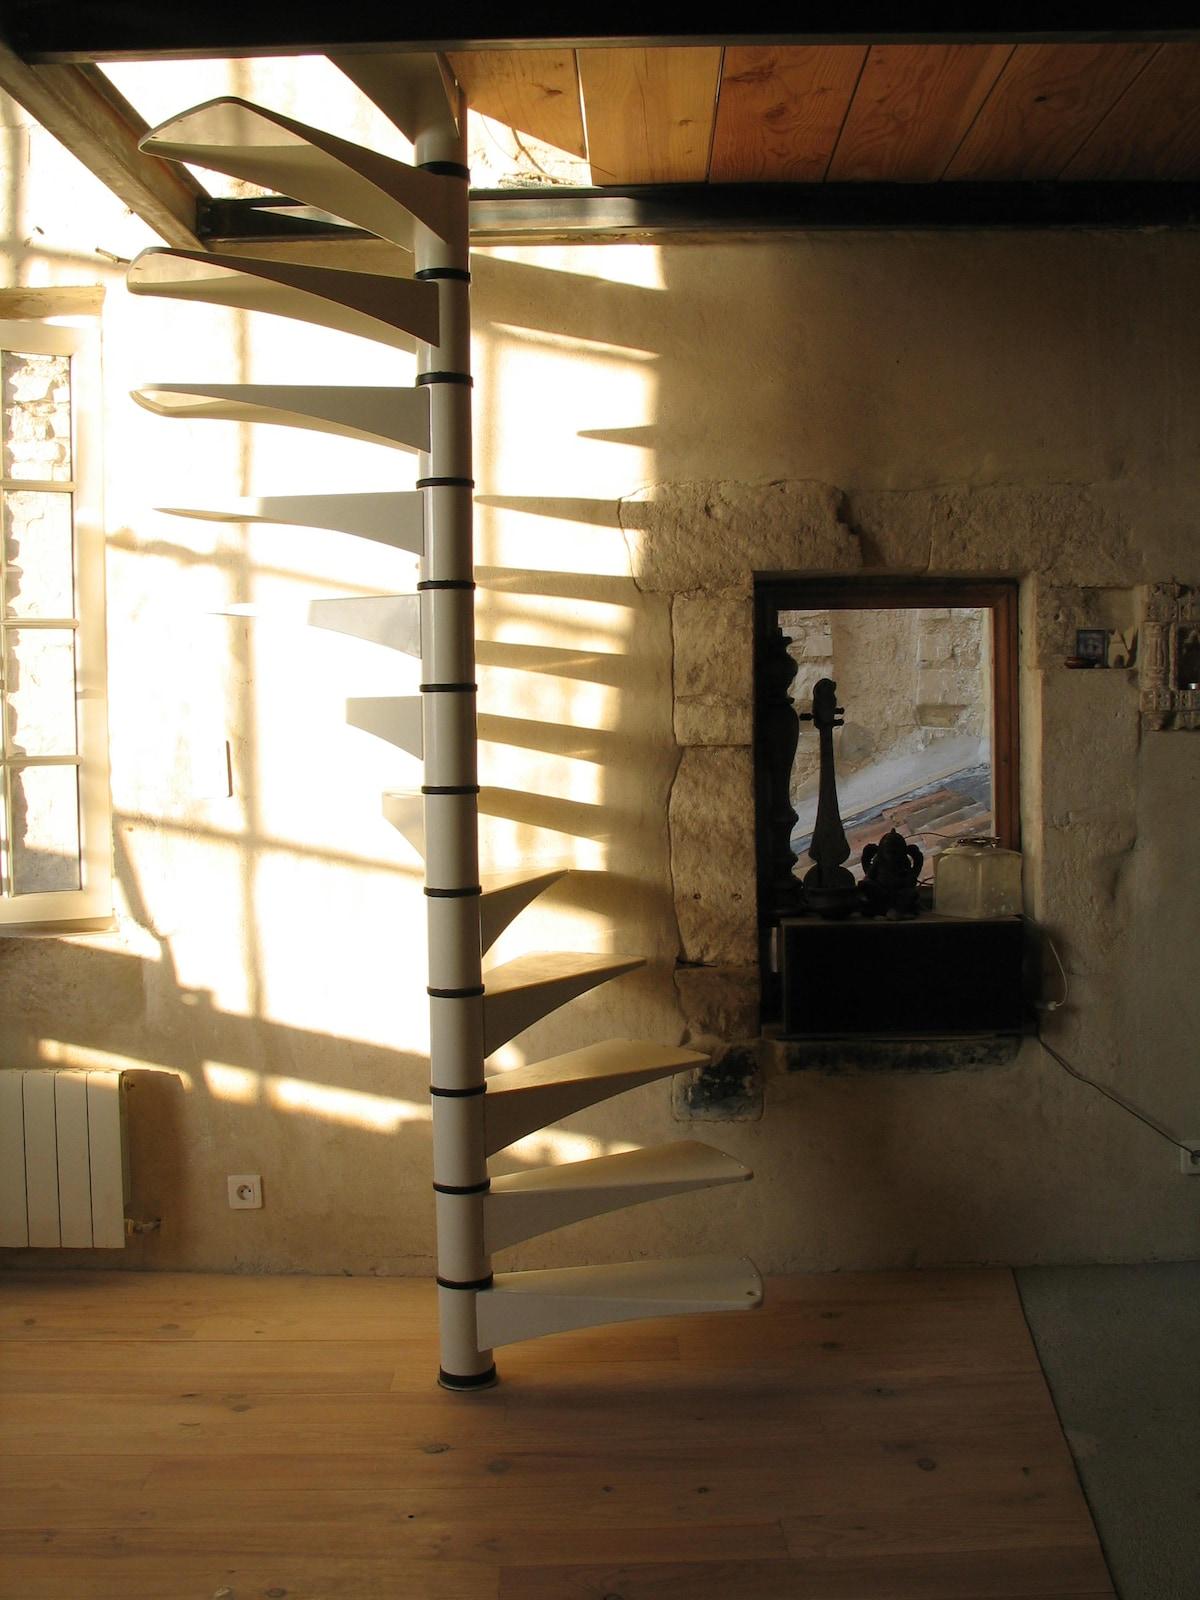 L'escalier dans la lumière du soir. C'est lumineux, non ?